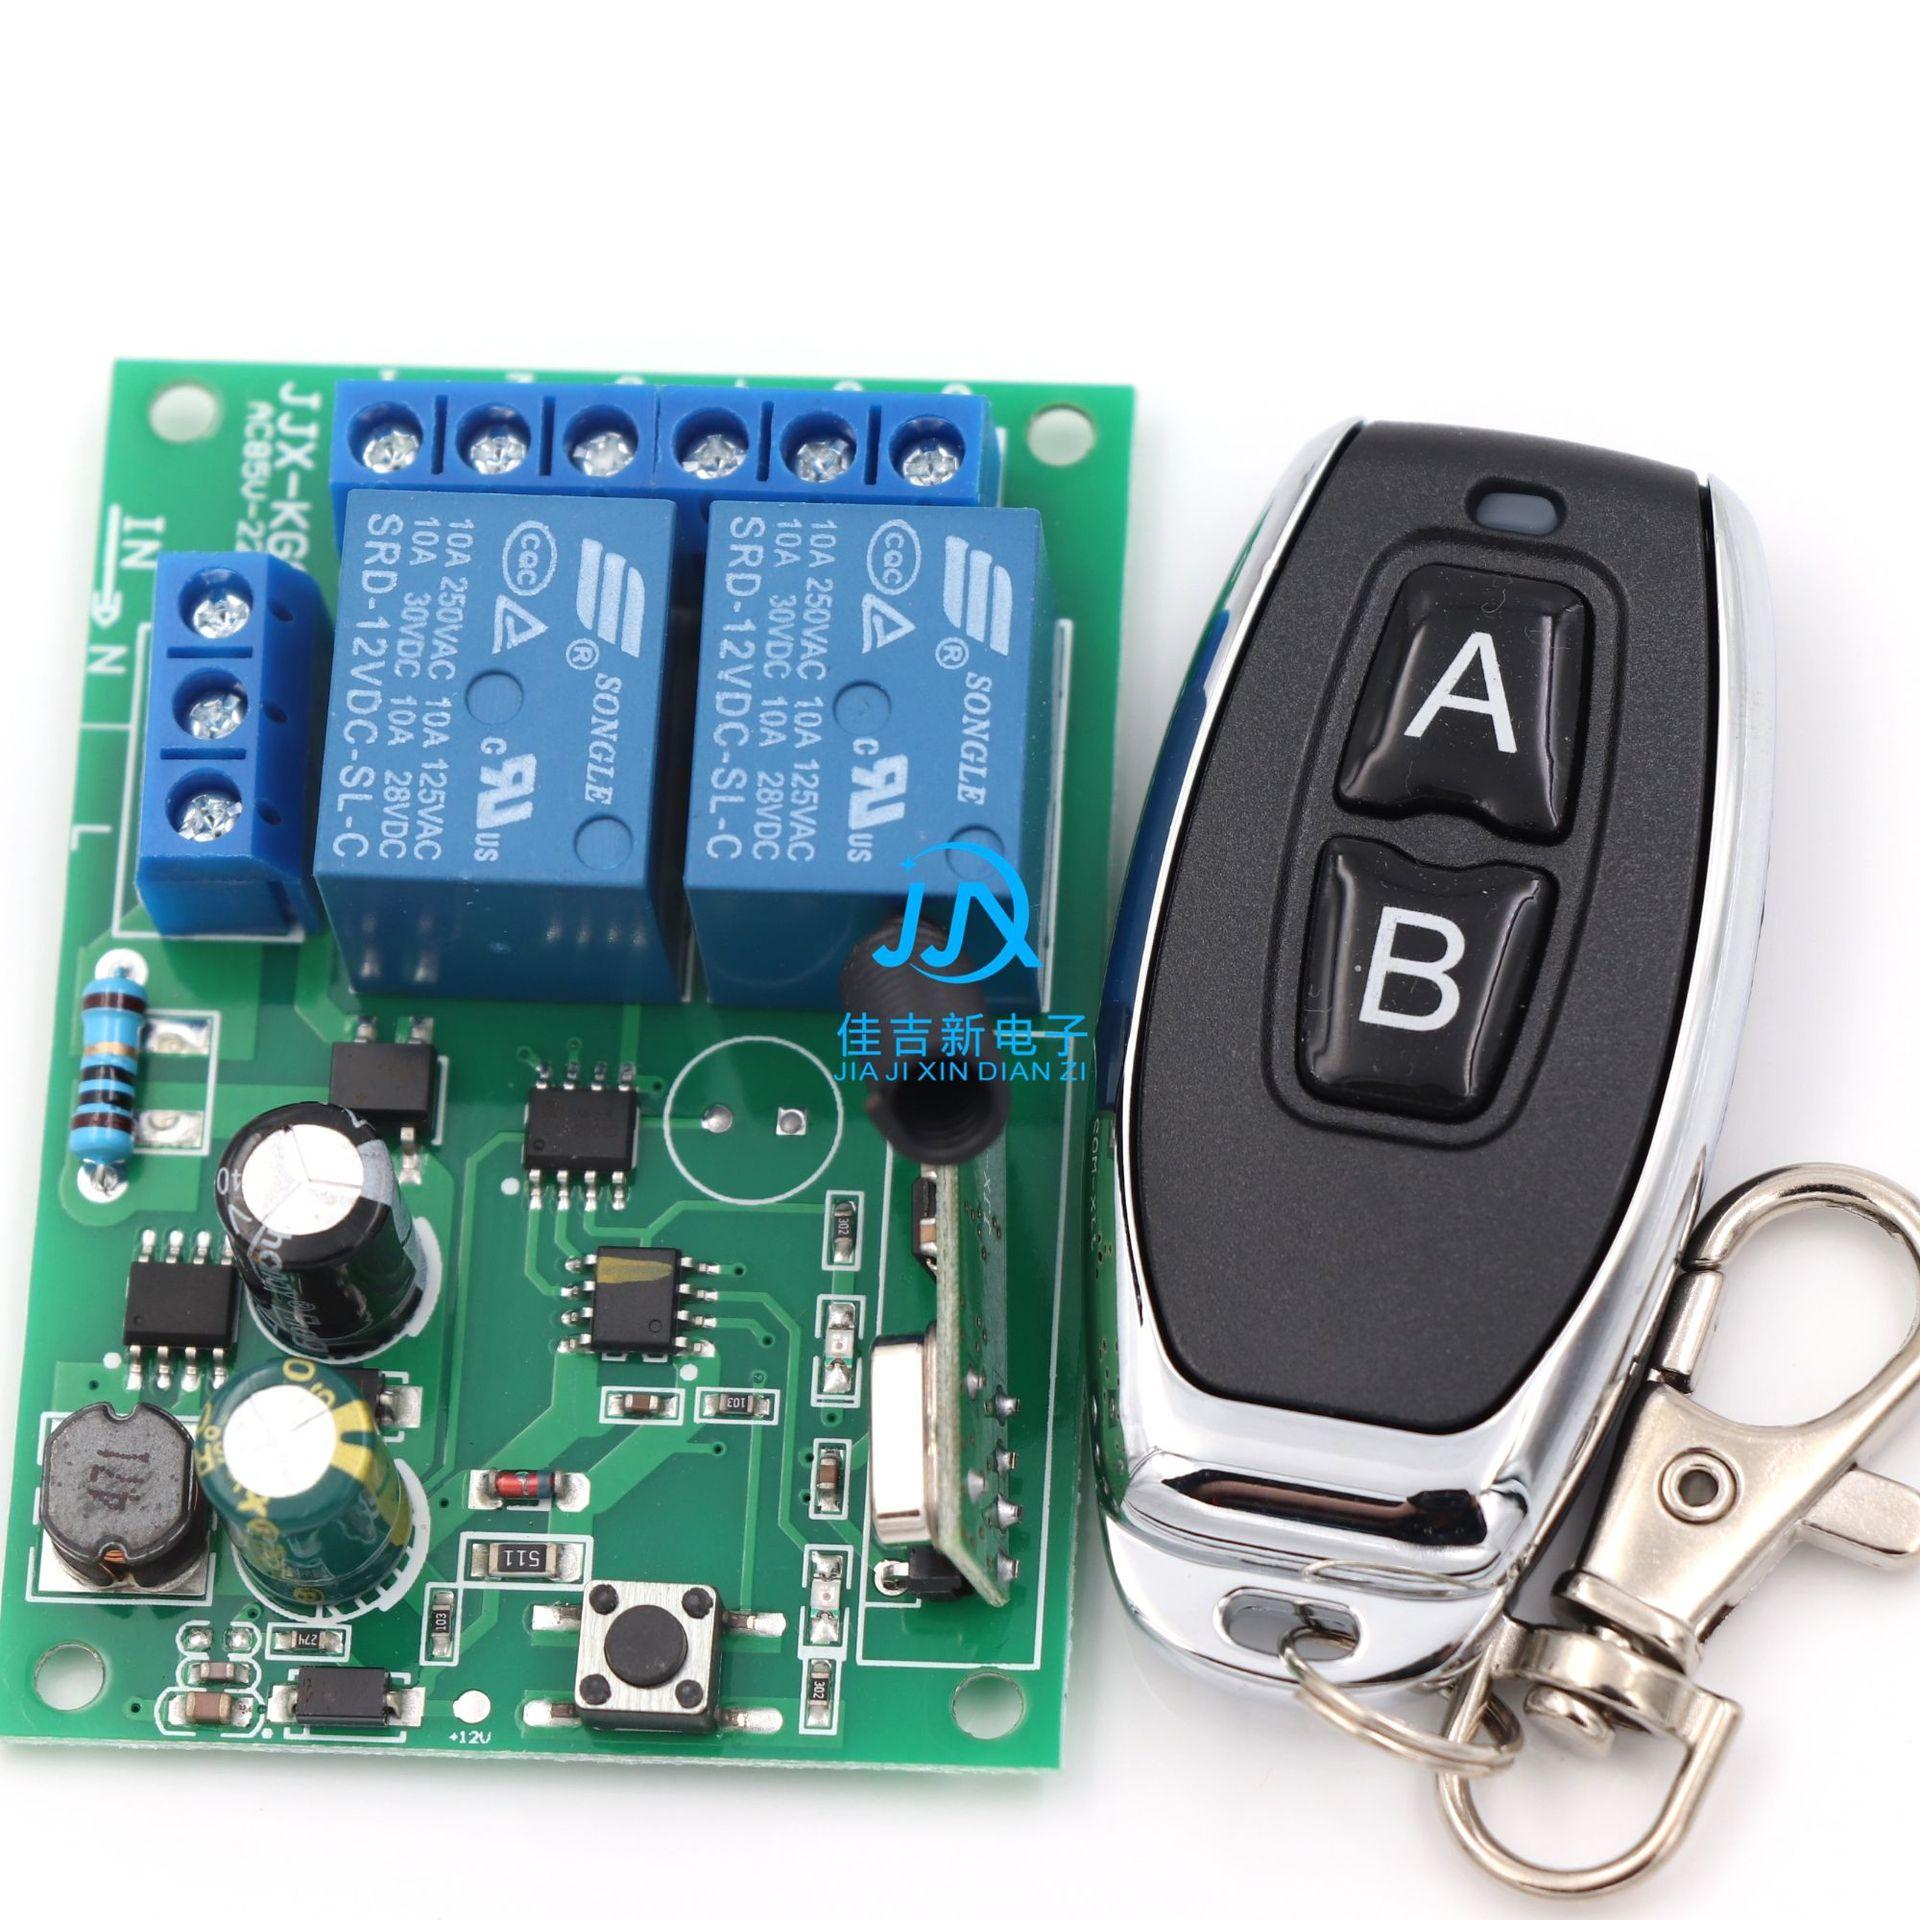 遥控开关220V两路输出控制电子锁 灯具 正电机反转学习型国内外通